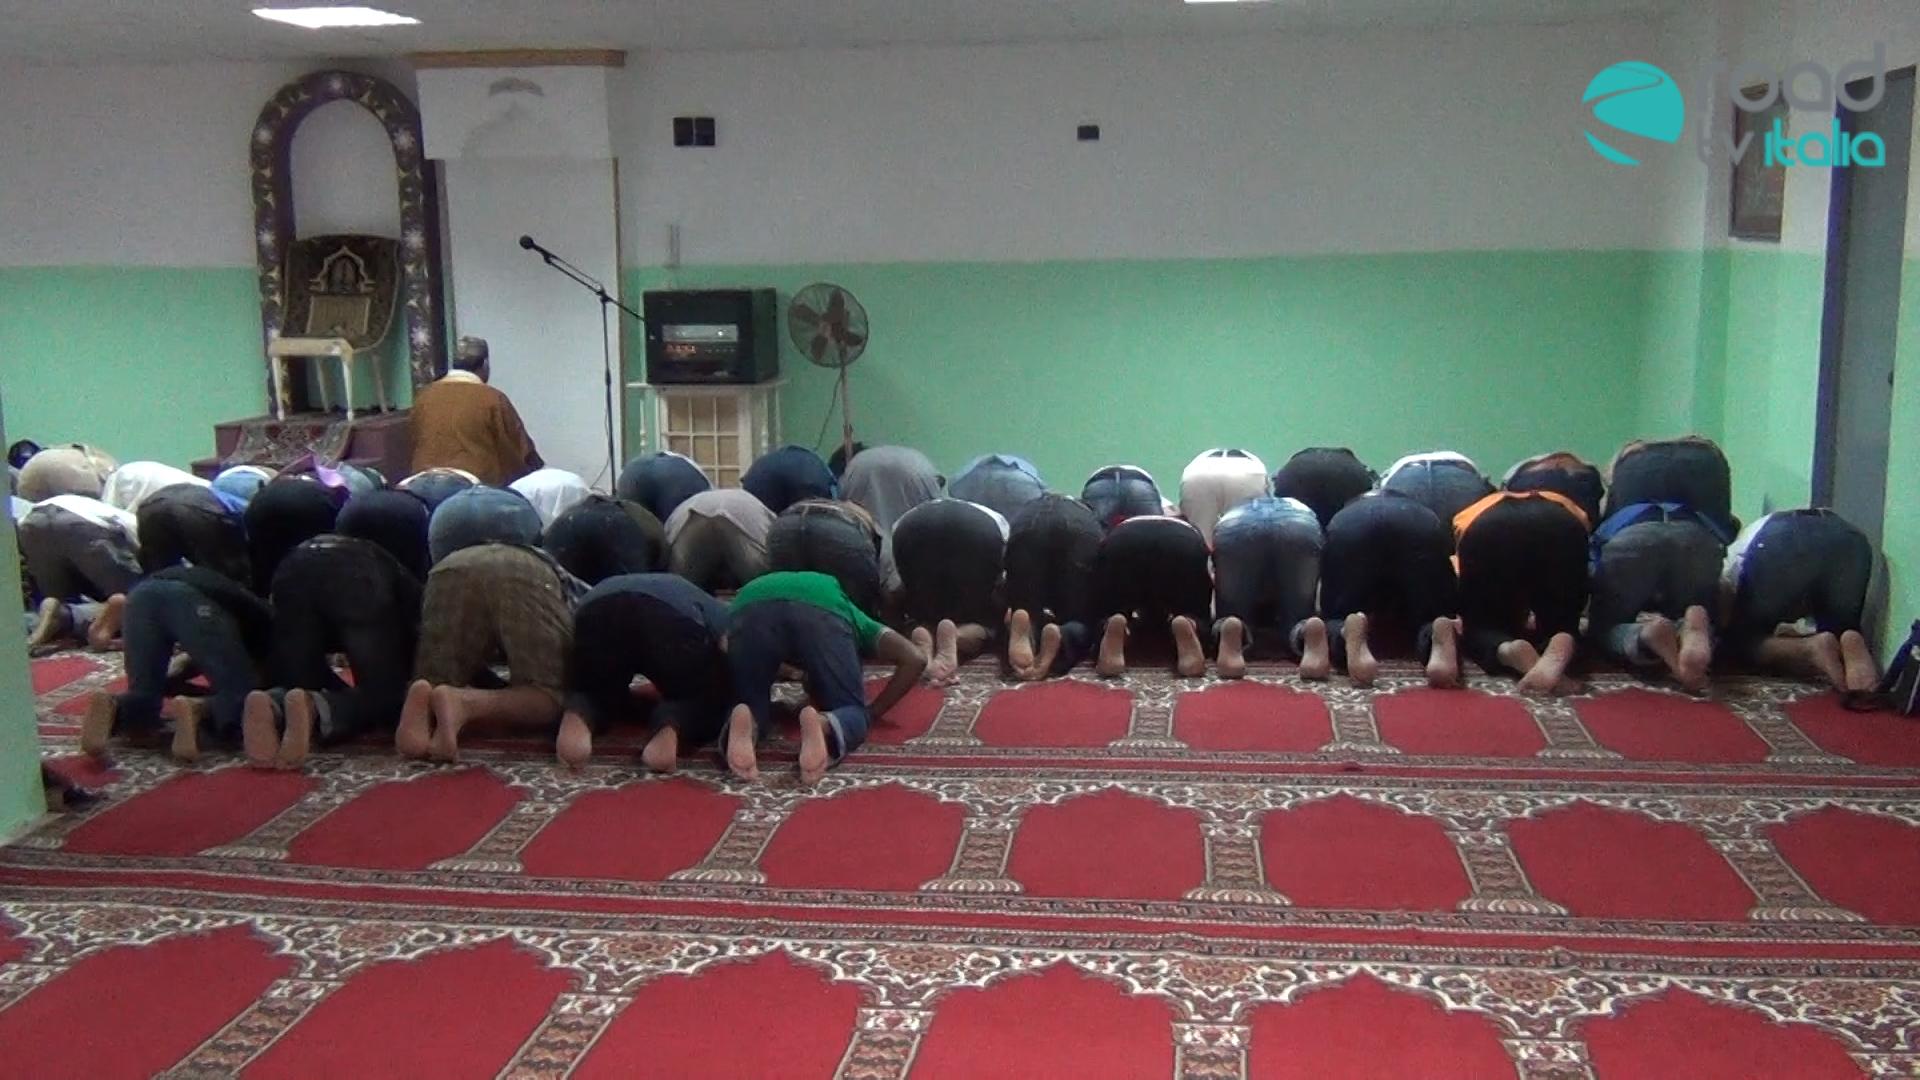 Voci di Ramadan a Napoli, tra preghiera e integrazione (VIDEO)